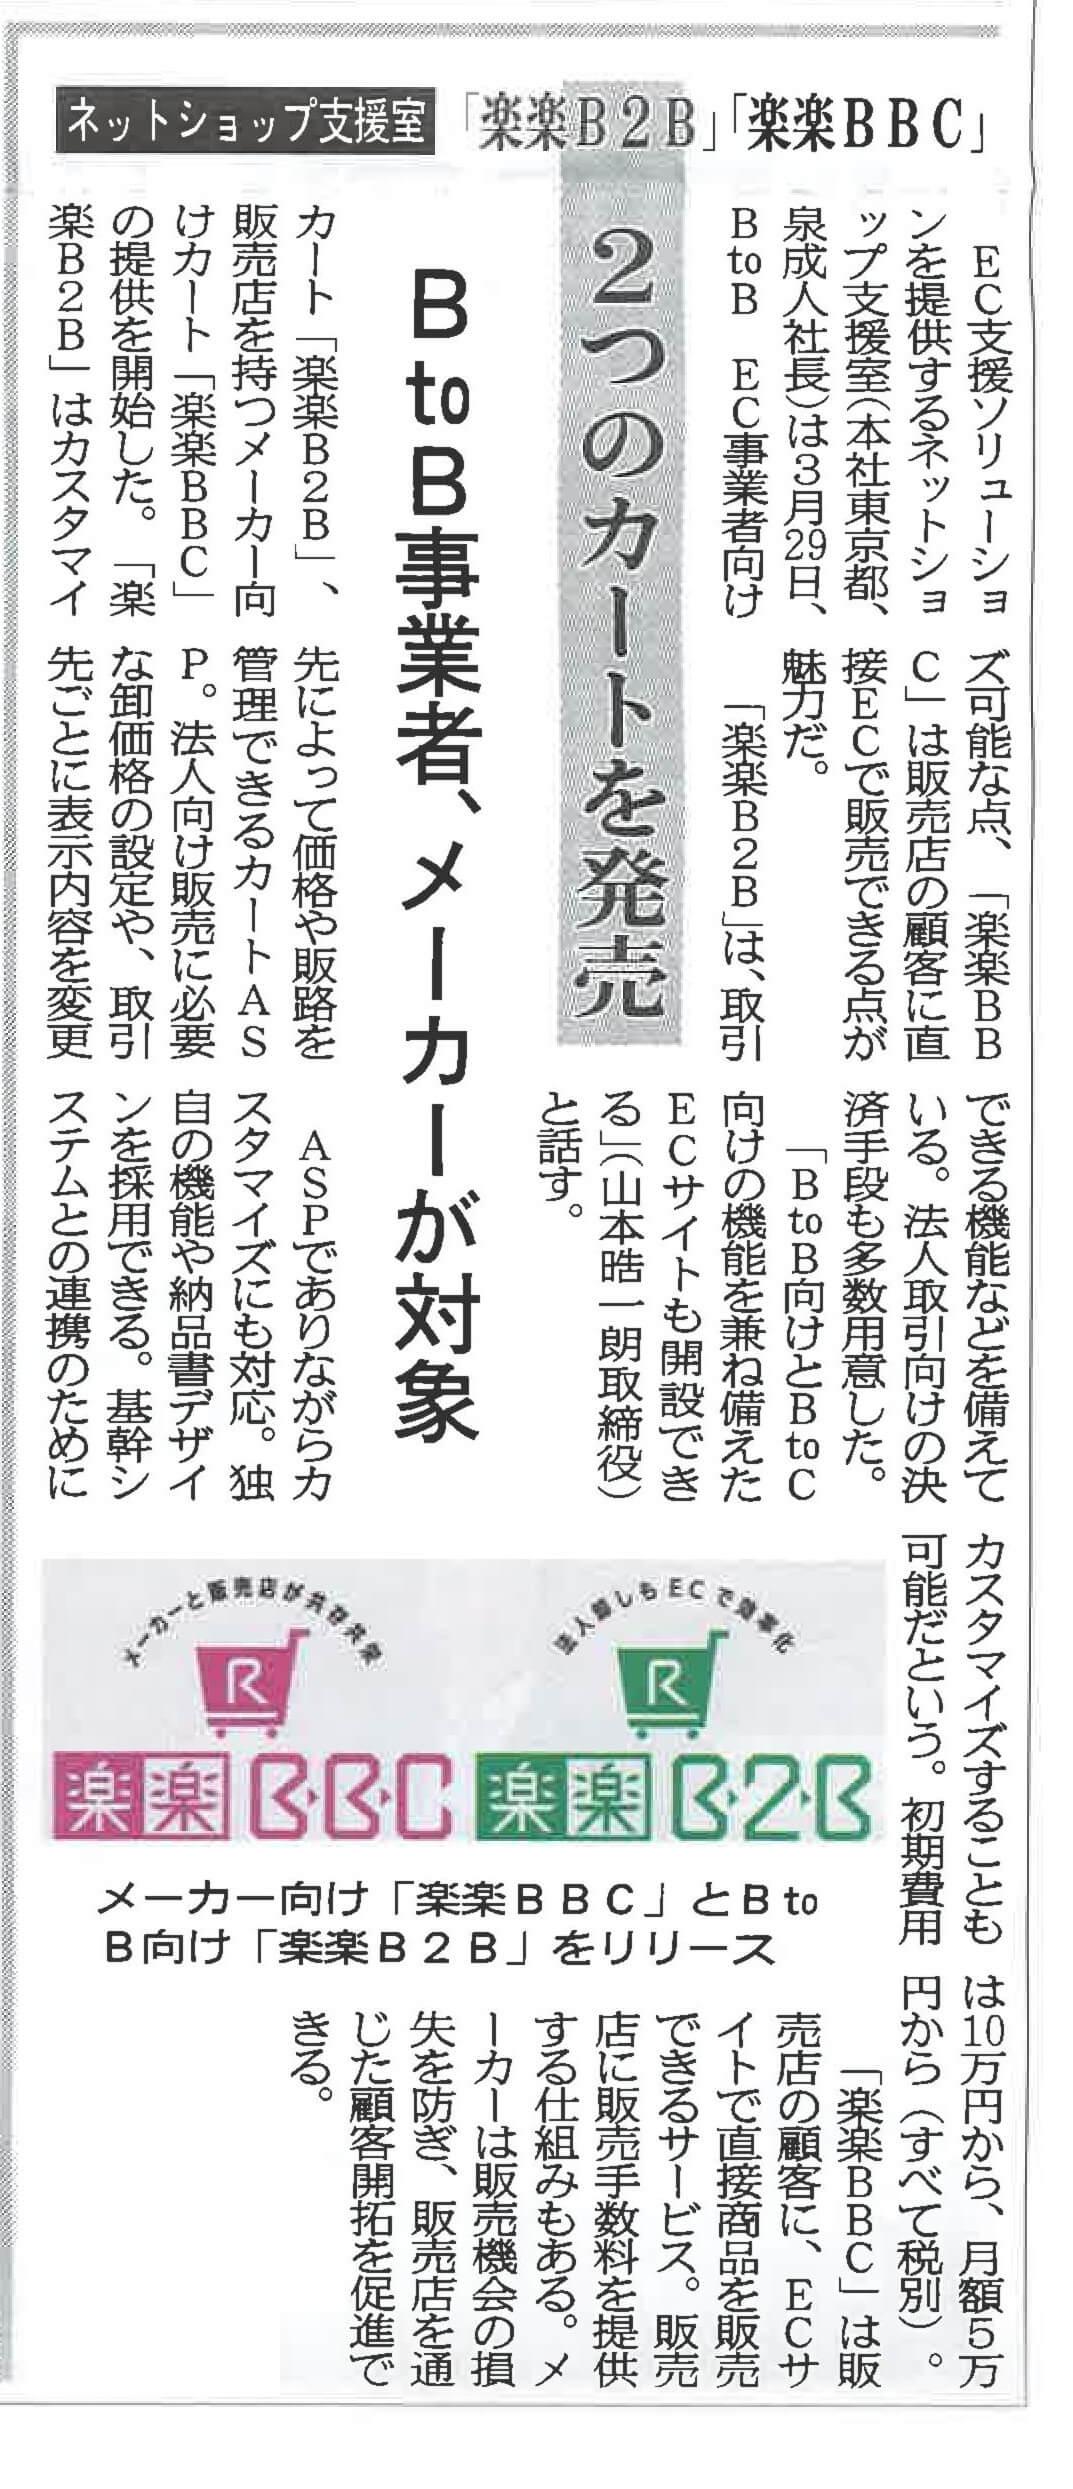 株式会社ネットショップ支援室の日本ネット経済新聞に掲載された『楽楽B2B』『楽楽BBC』の画像